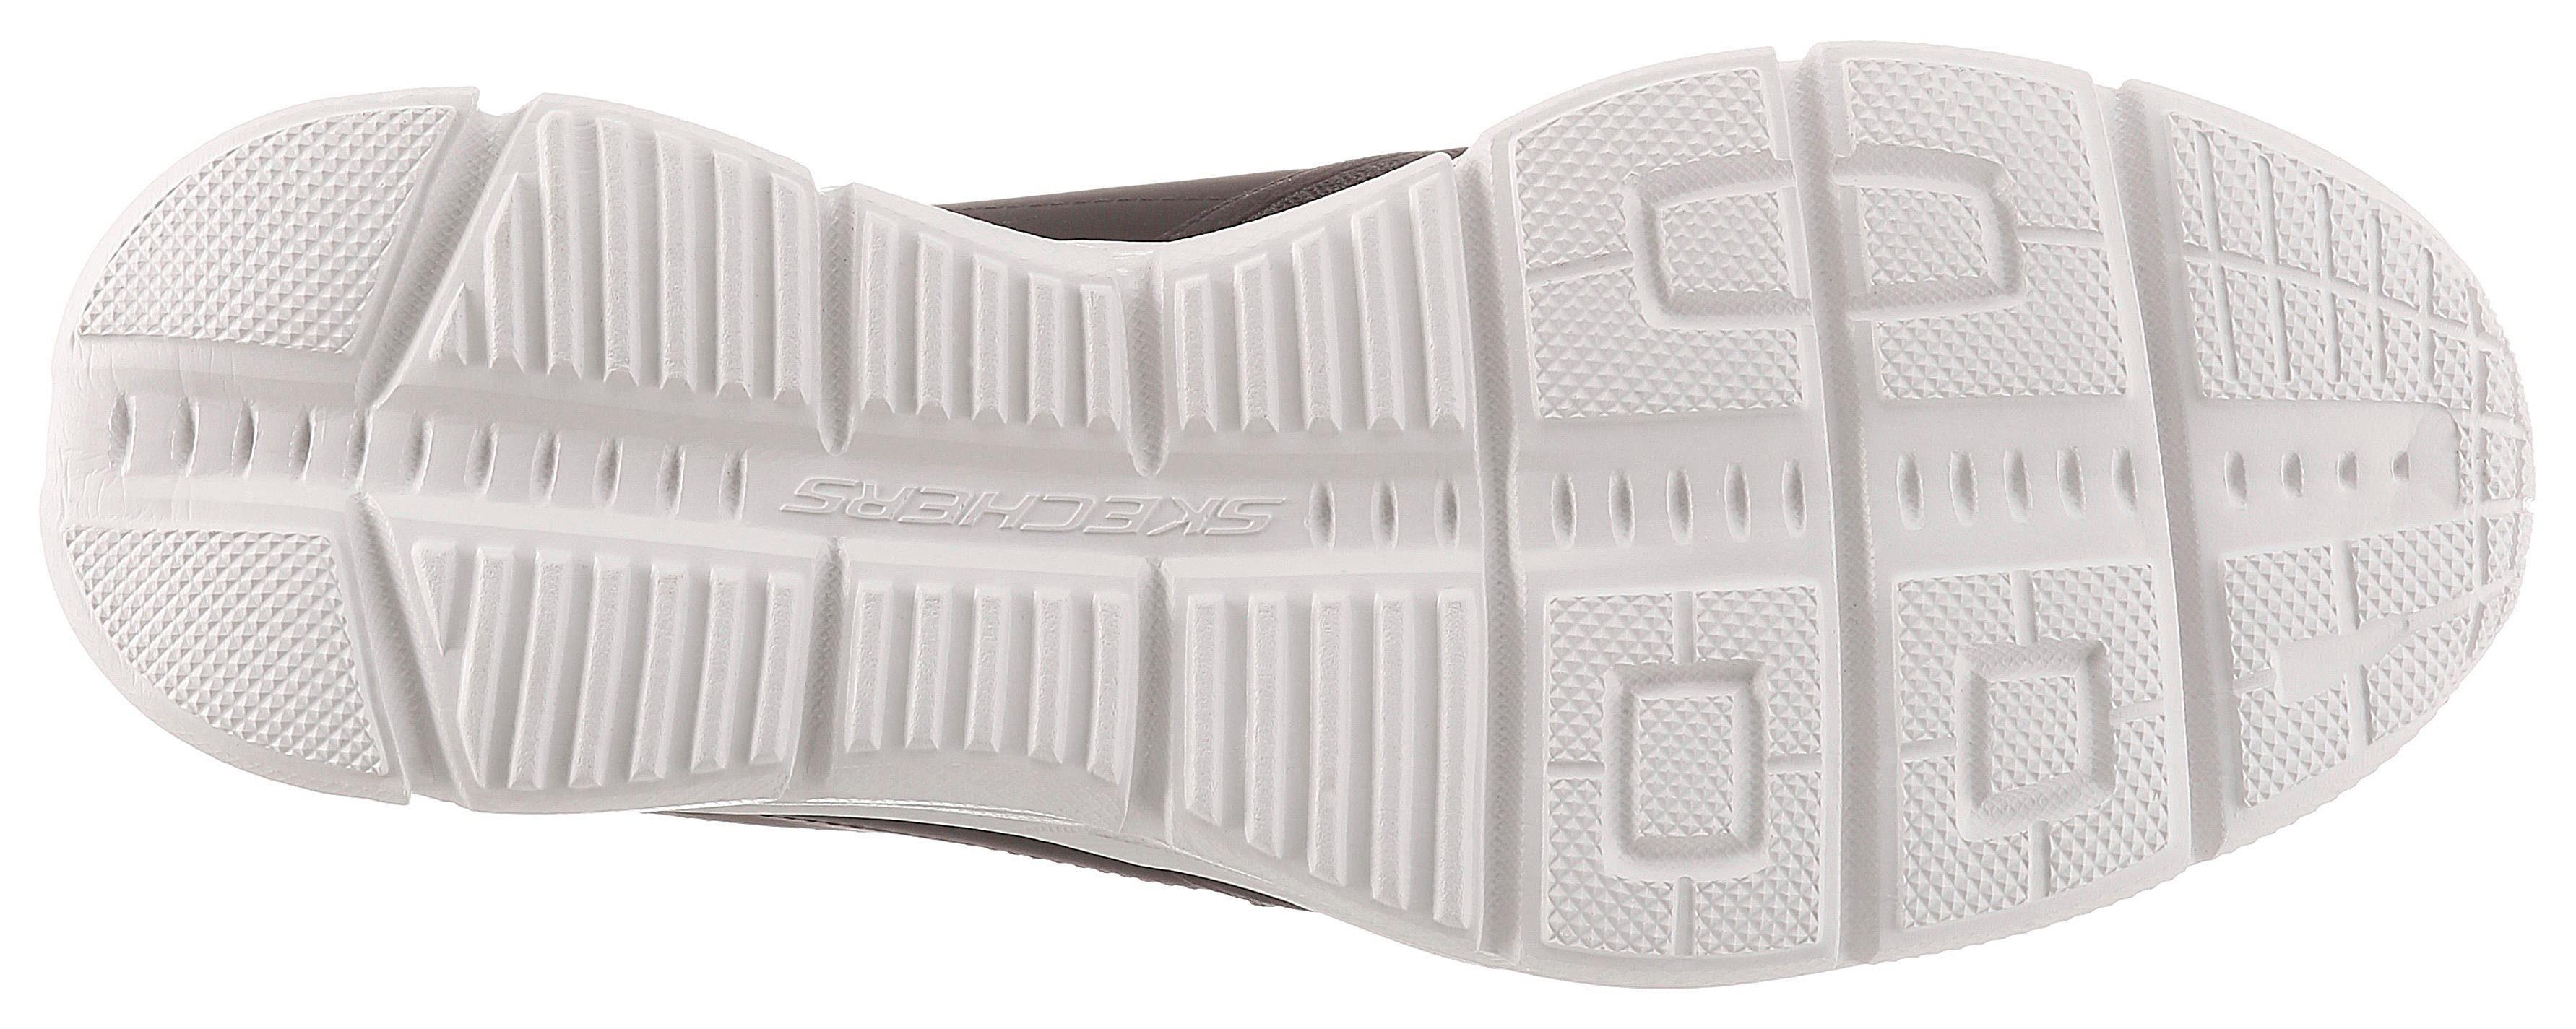 Skechers »equalizer 4.0« Slip-on Sneaker Mit Air-cooled Memory Foam-ausstattung Online Kaufen 2YwNFipZ